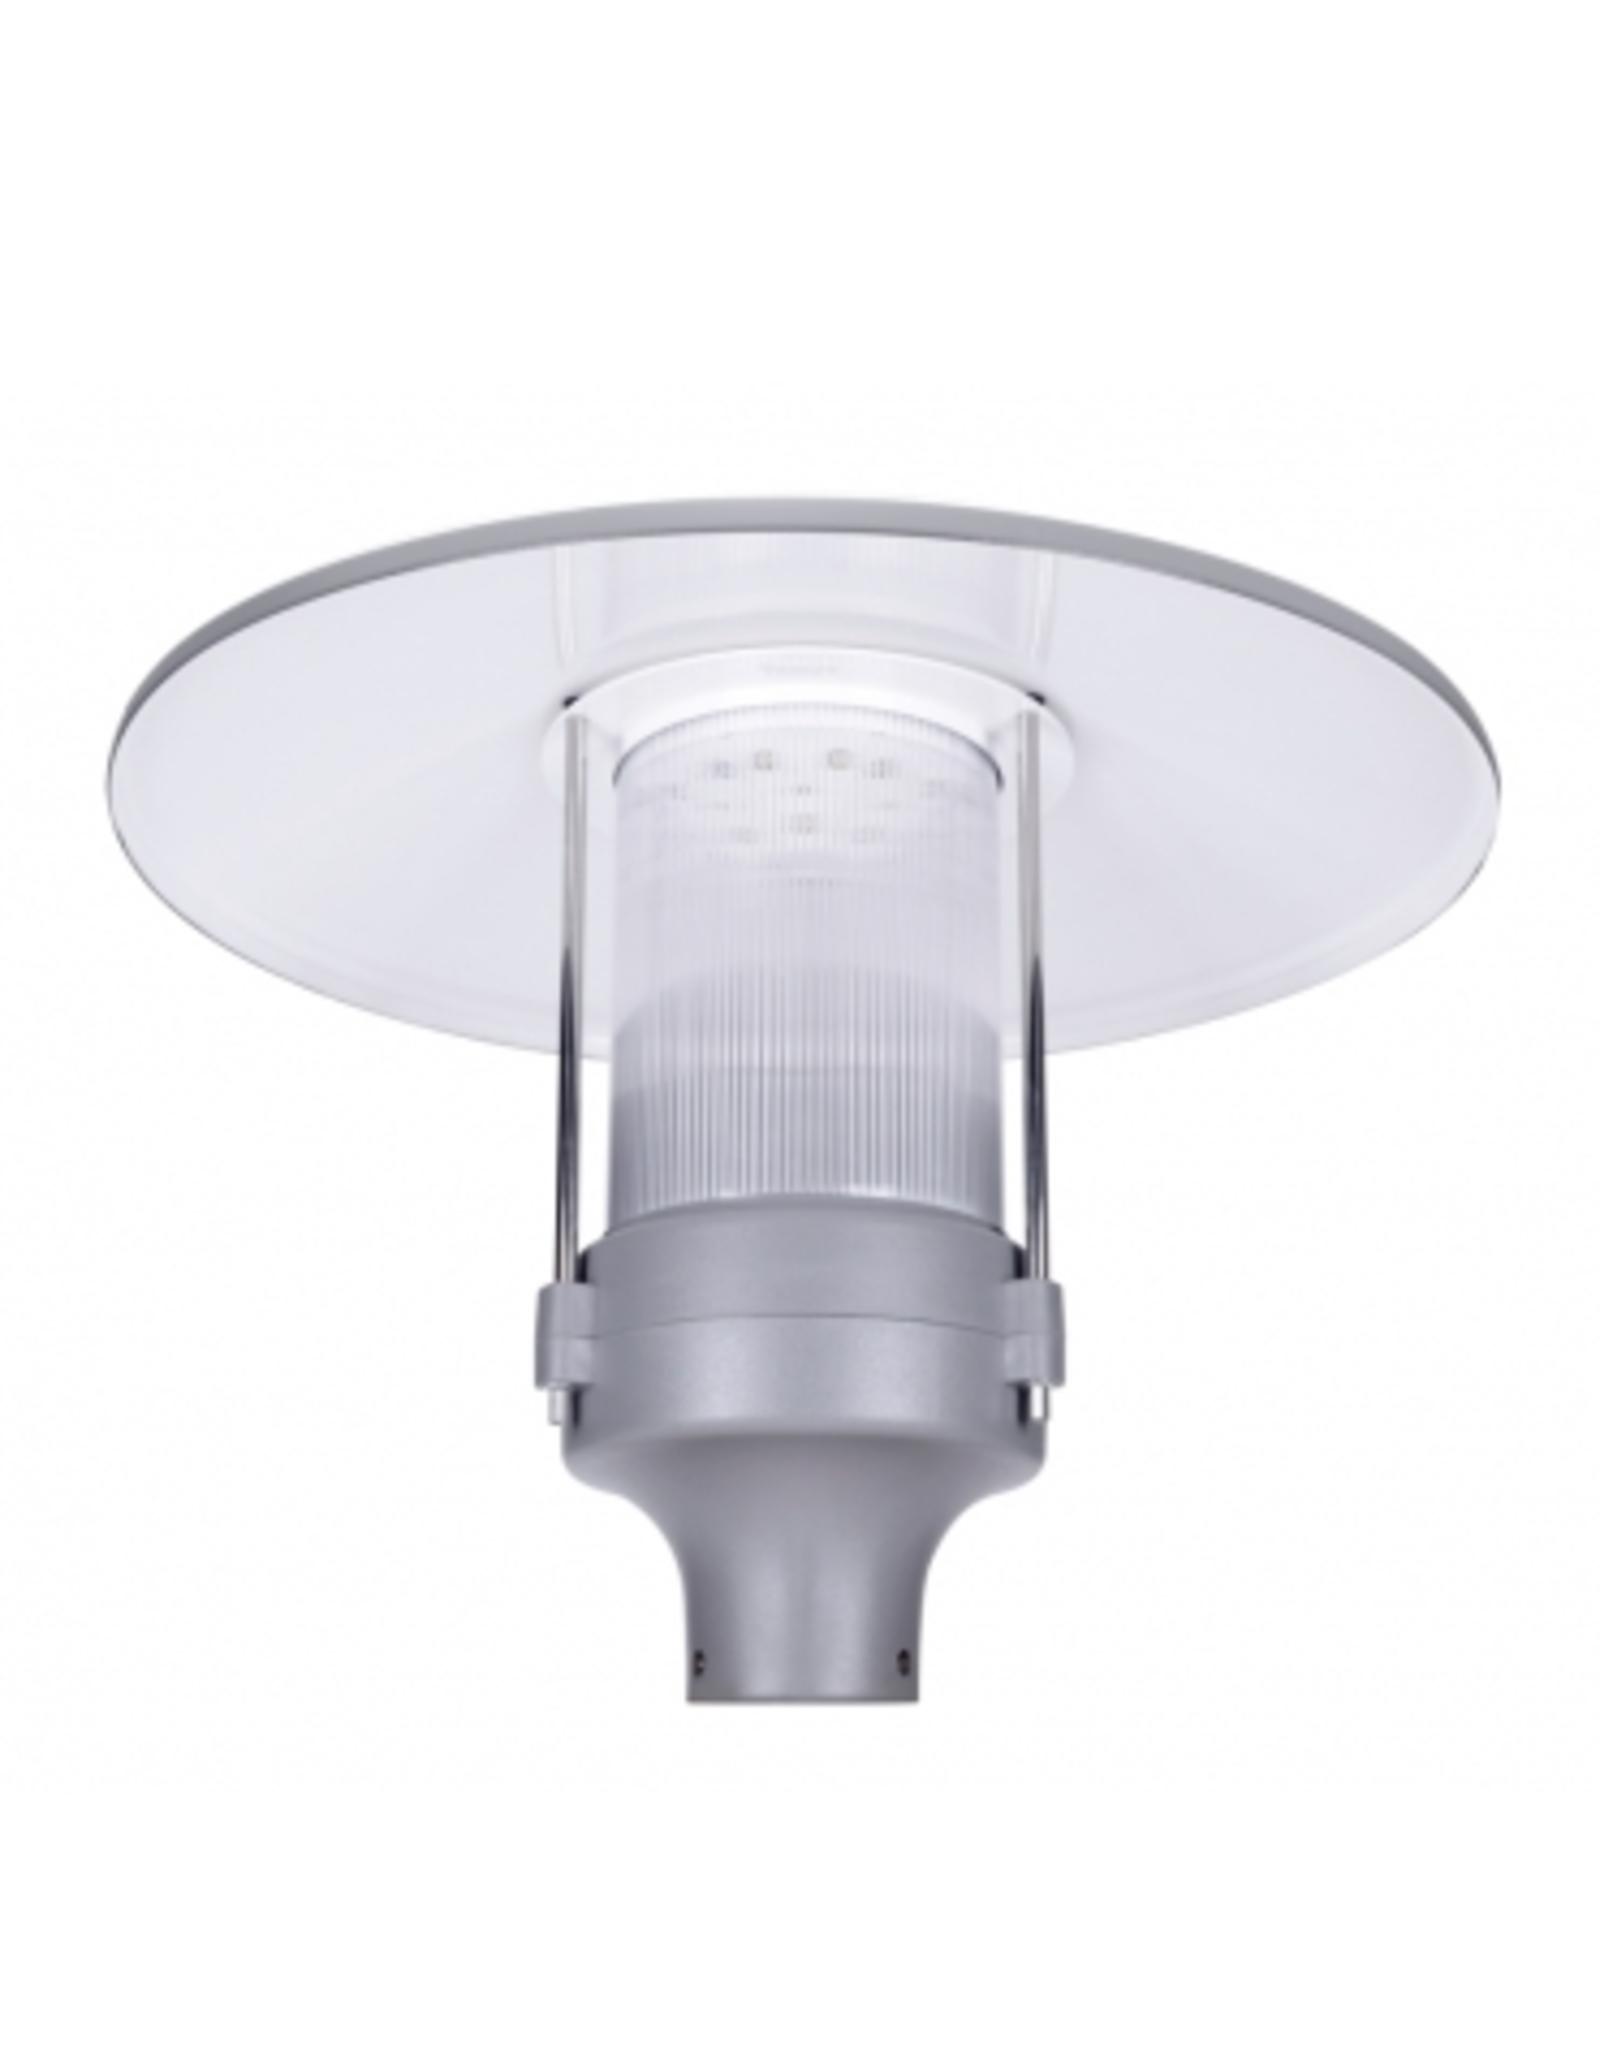 Promled lantaarn lamp 60W zwart/grijs 4000k IP67